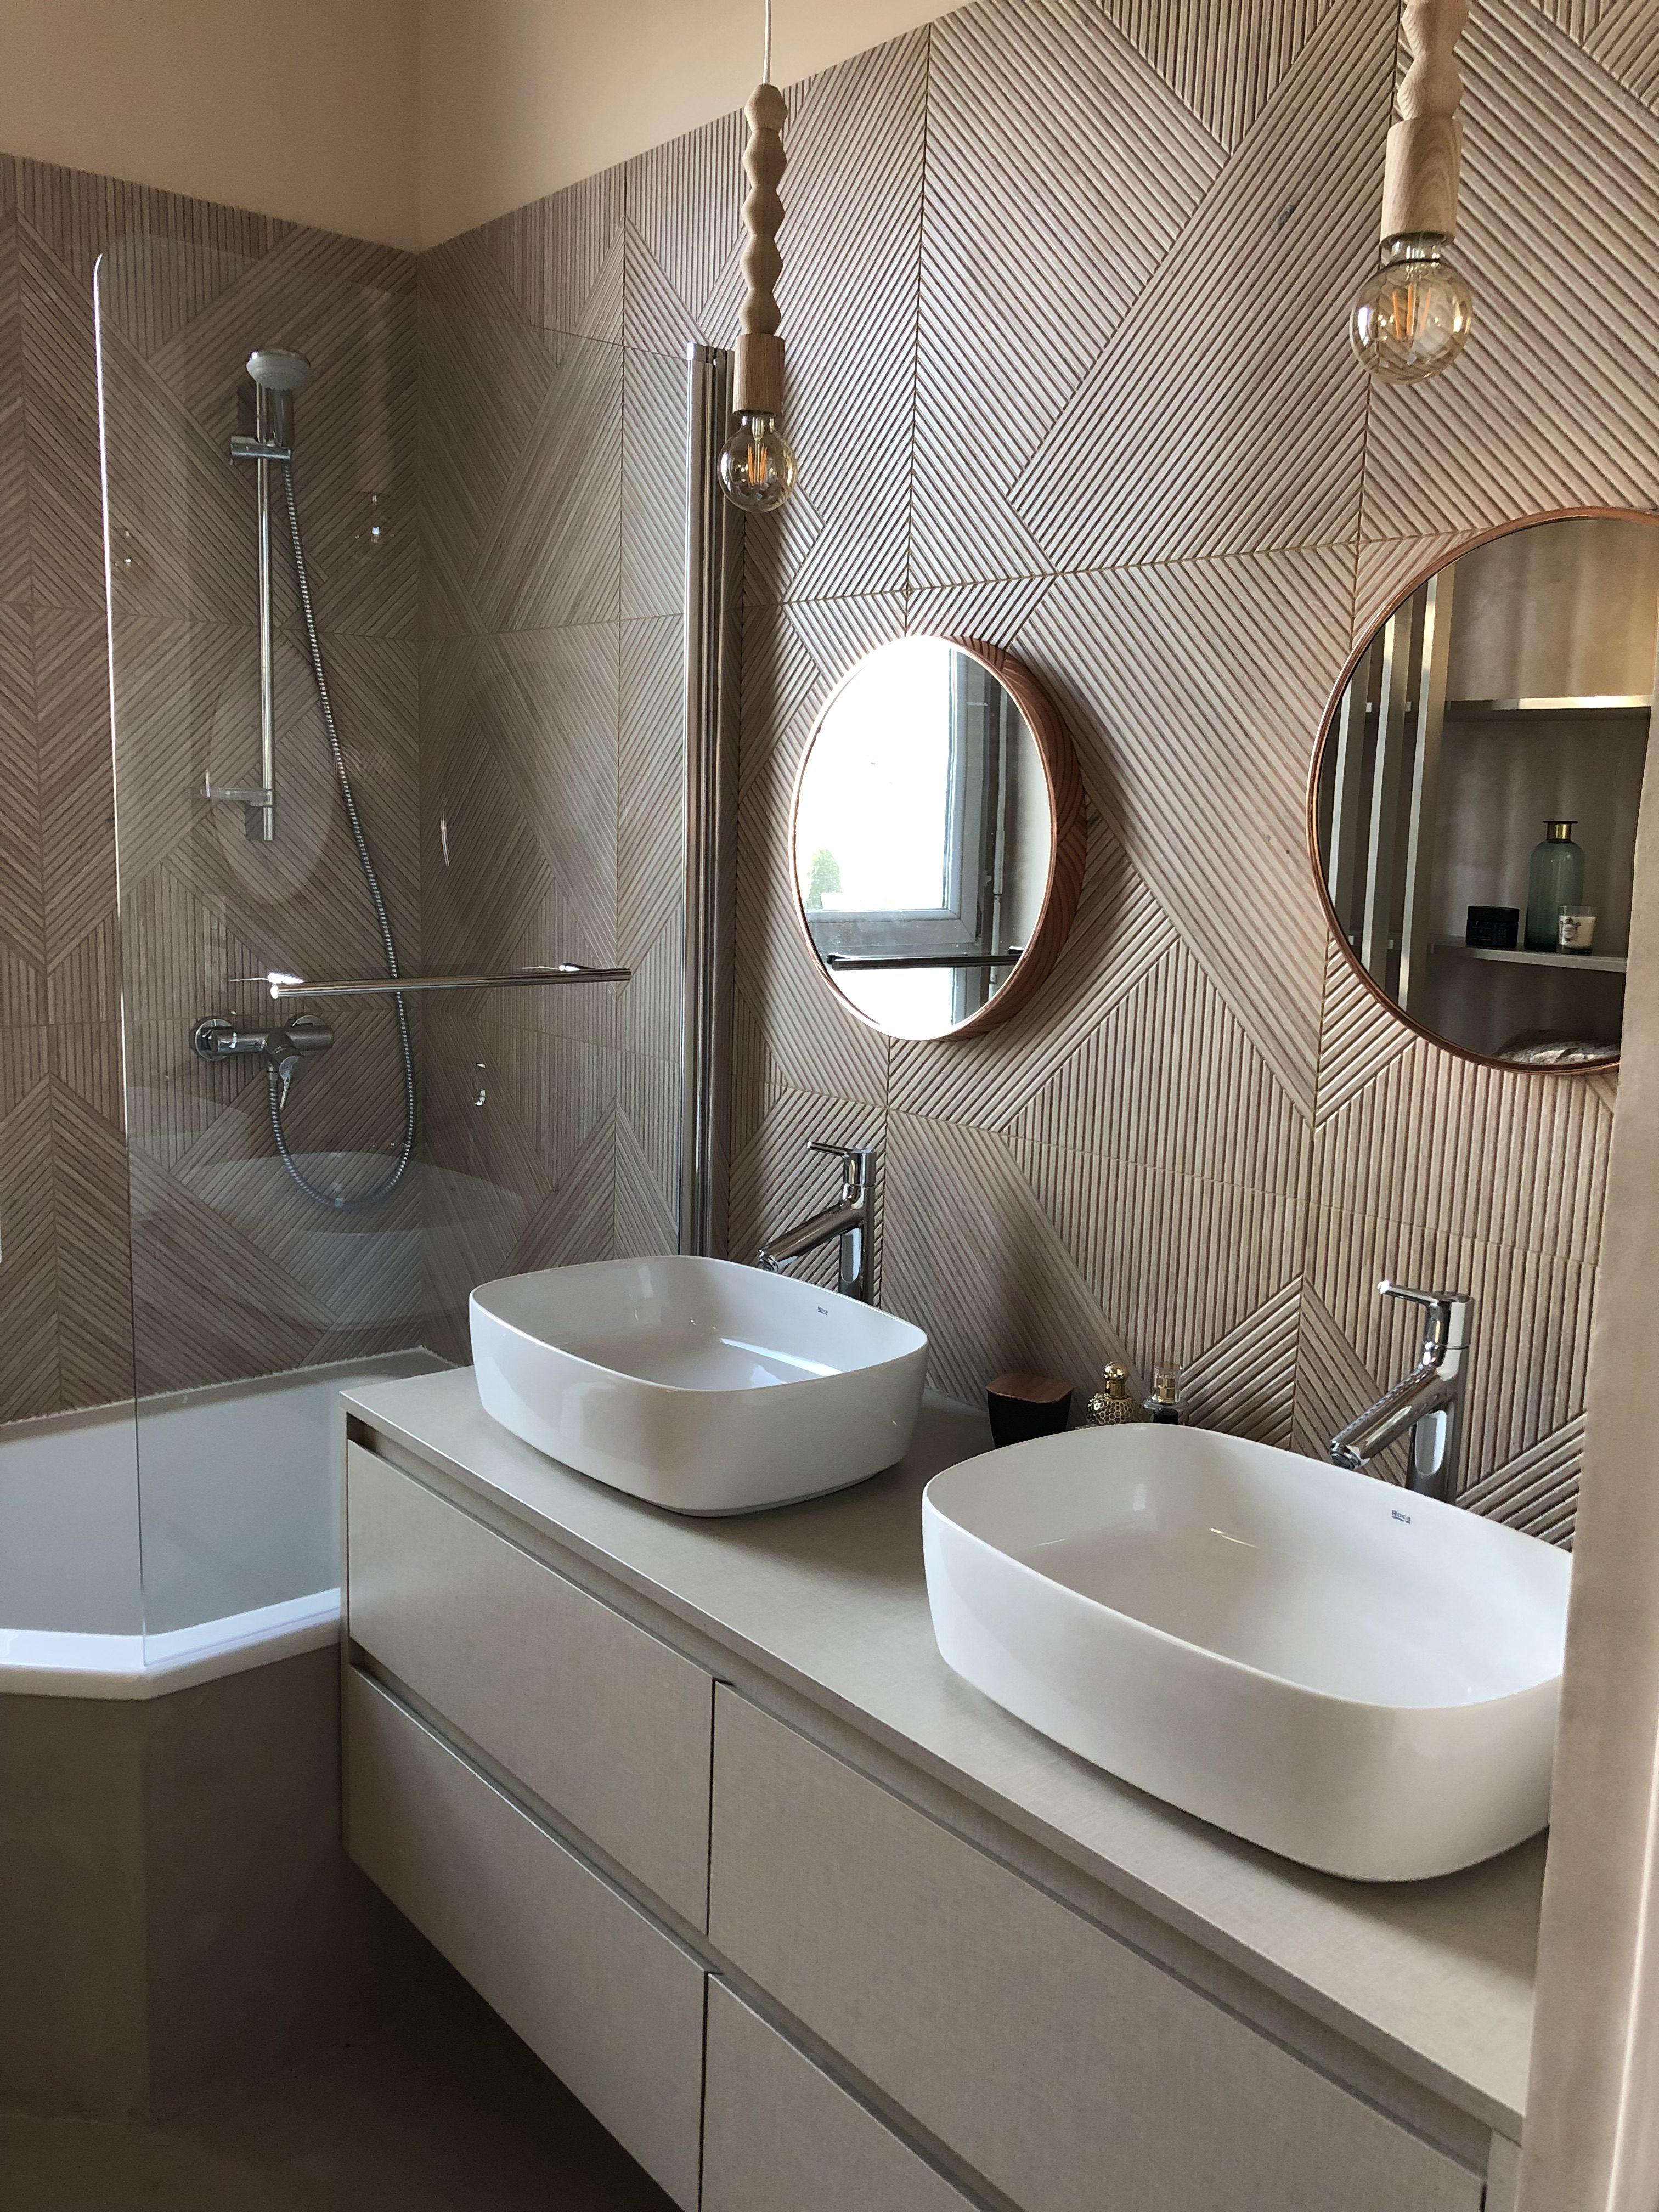 Rénovation d\'une salle de bain dans un style boudoir bohème ...